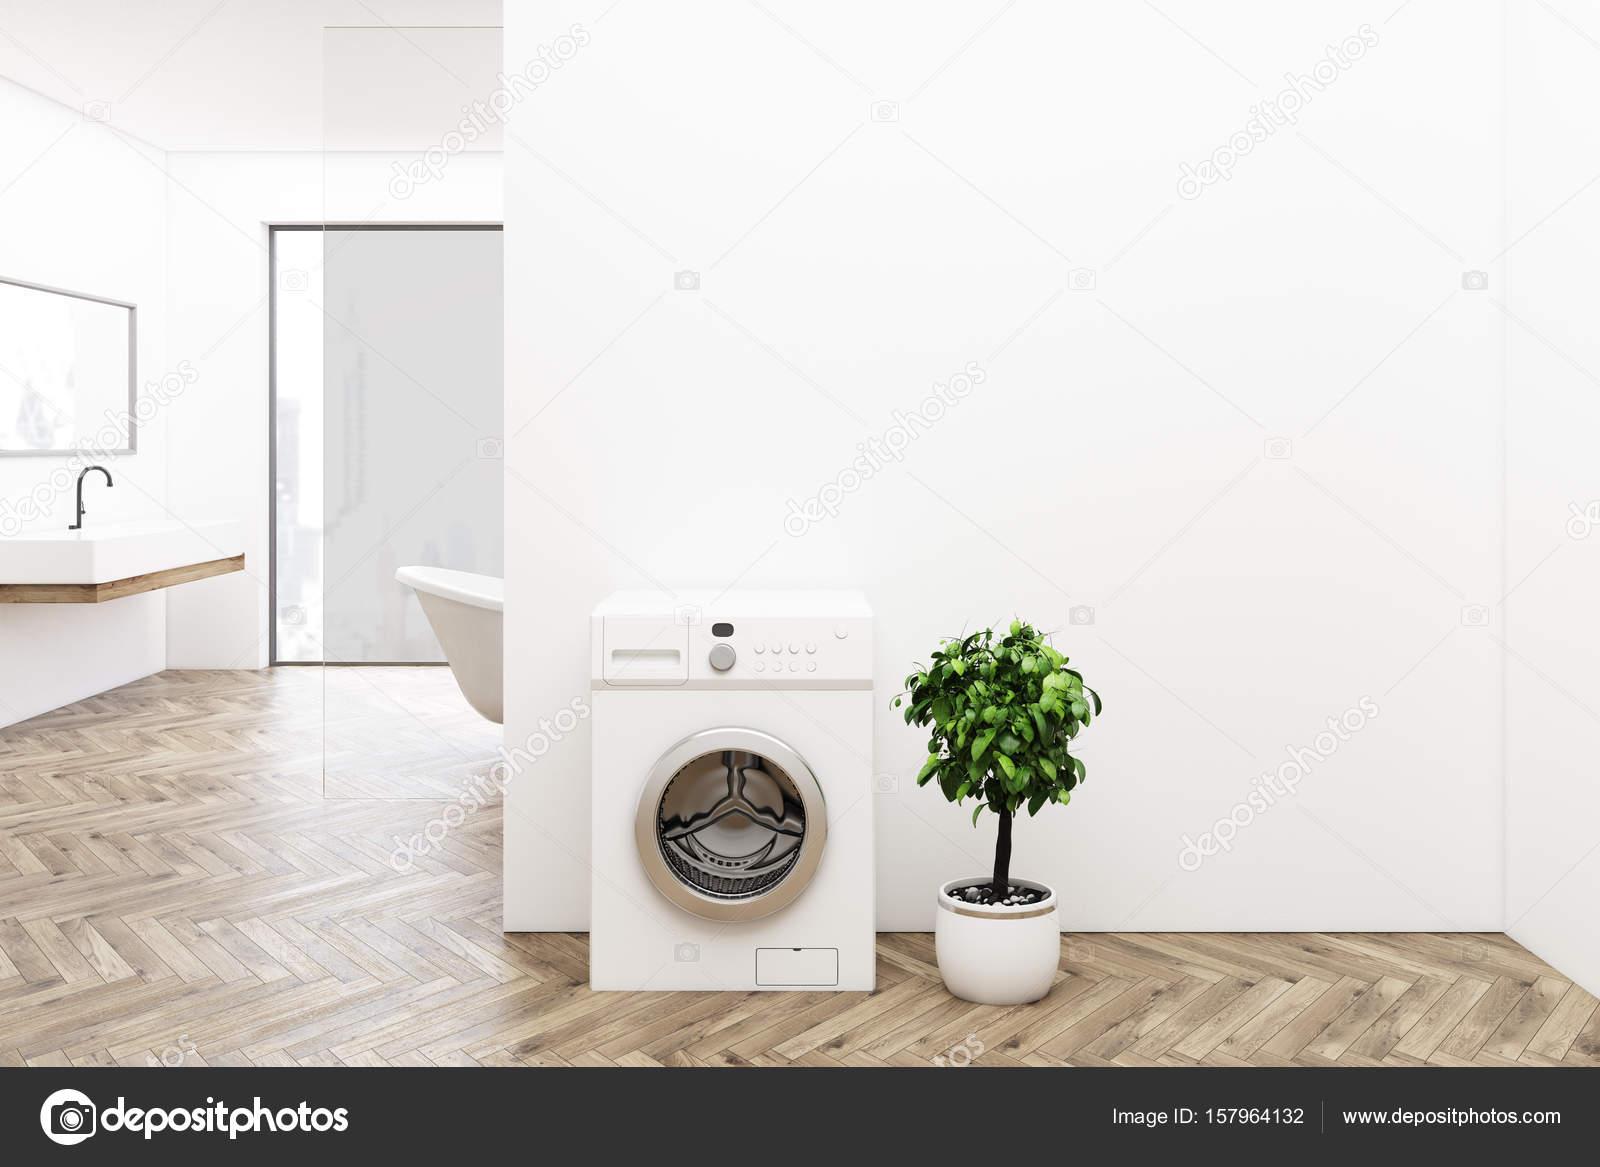 Holzboden Badezimmer, Waschmaschine — Stockfoto ...